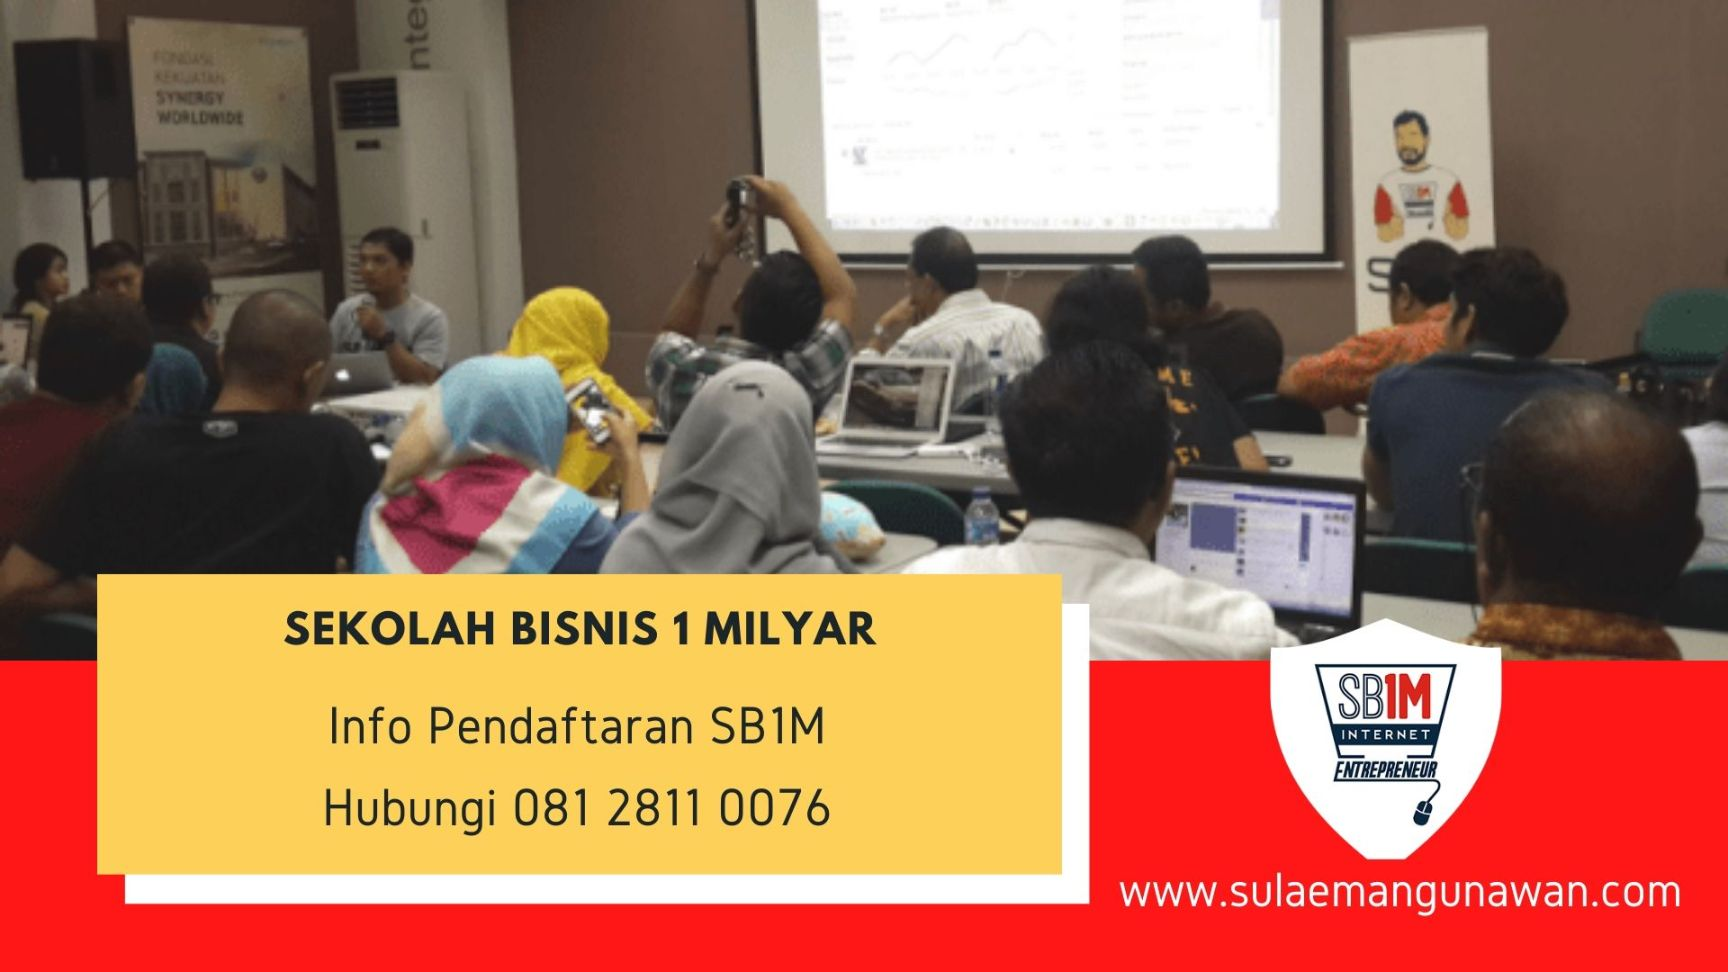 Pelatihan Bisnis Online Terlengkap di Cimande Hilir Kabupaten Bogor Hubungi 081 2811 0076